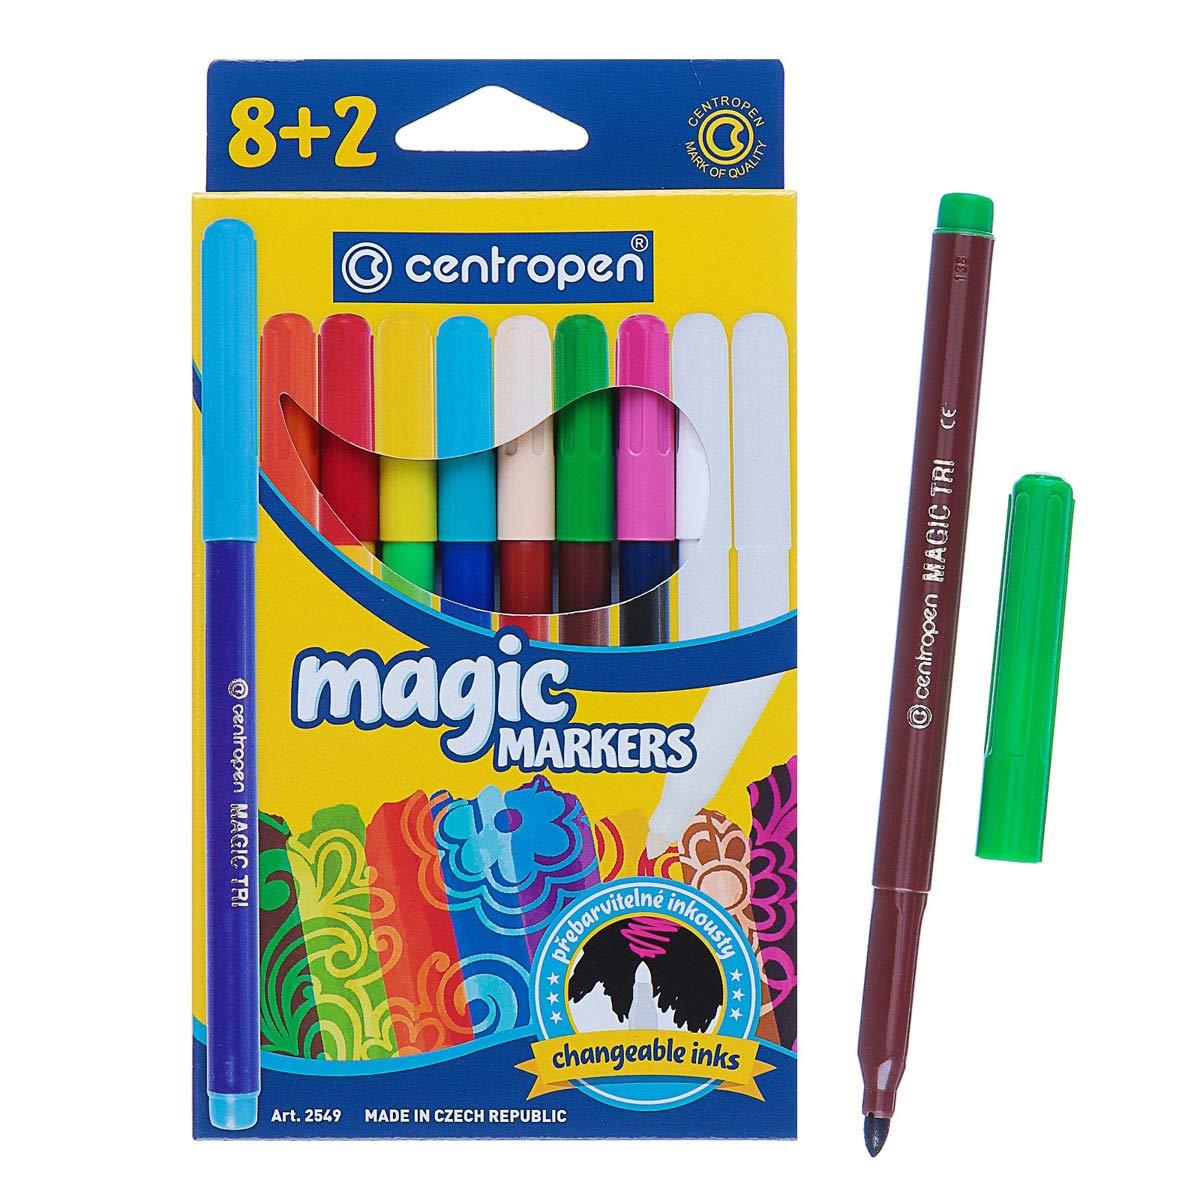 2468412 Фломастеры 10цв 3.9 мм Centropen 2549 Magic, лин 1,8мм, мен цвет, 8цв+2поглатит, карт/уп